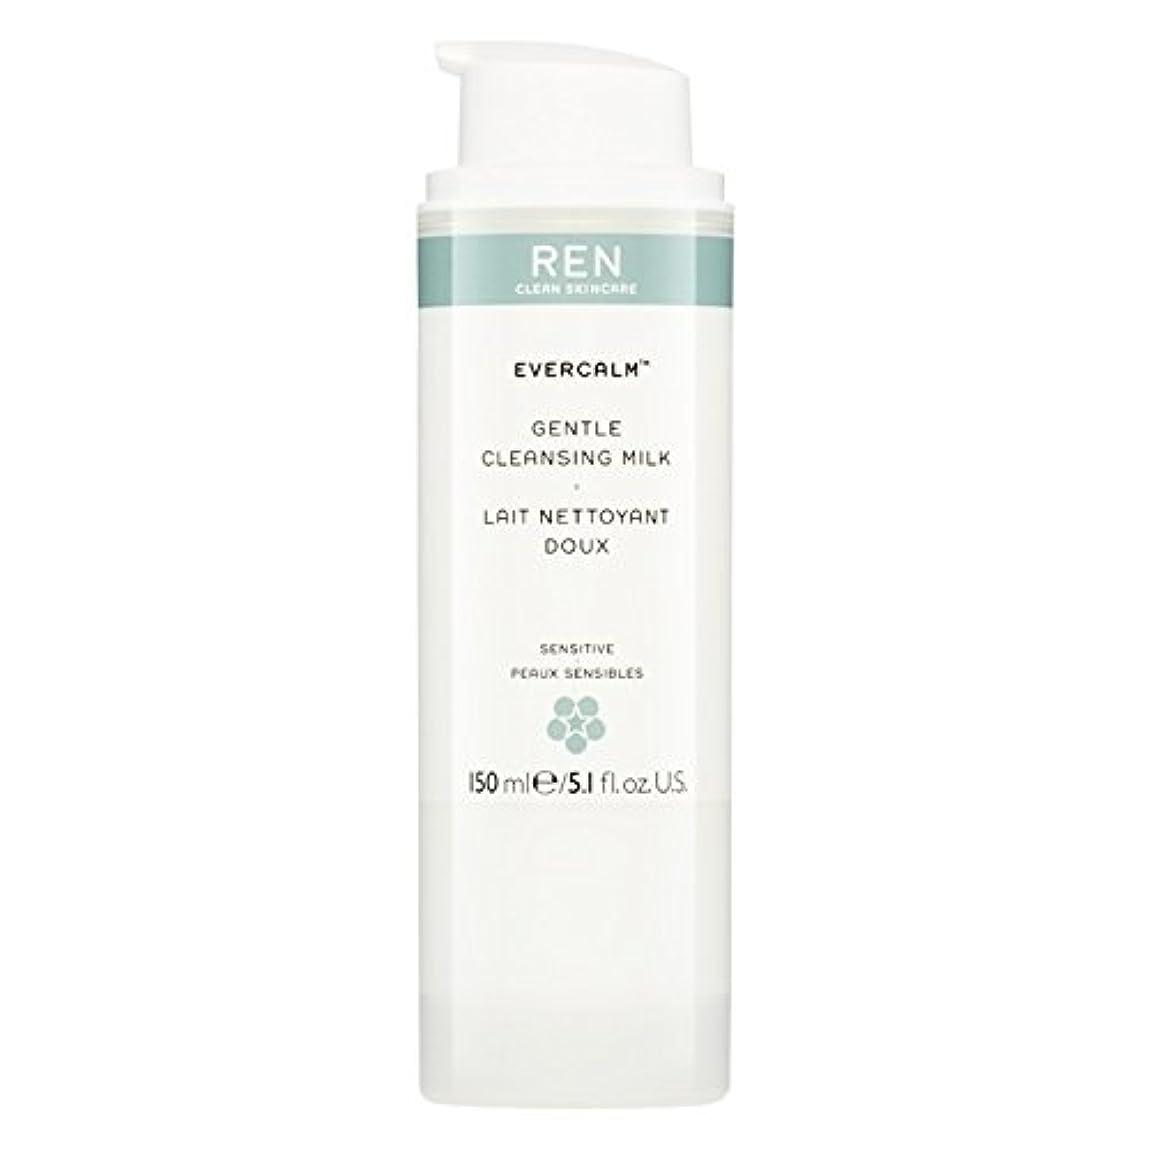 レーザ広範囲に中国Ren Evercalm優しいクレンジングミルク、150ミリリットル (REN) (x6) - REN Evercalm Gentle Cleansing Milk, 150ml (Pack of 6) [並行輸入品]